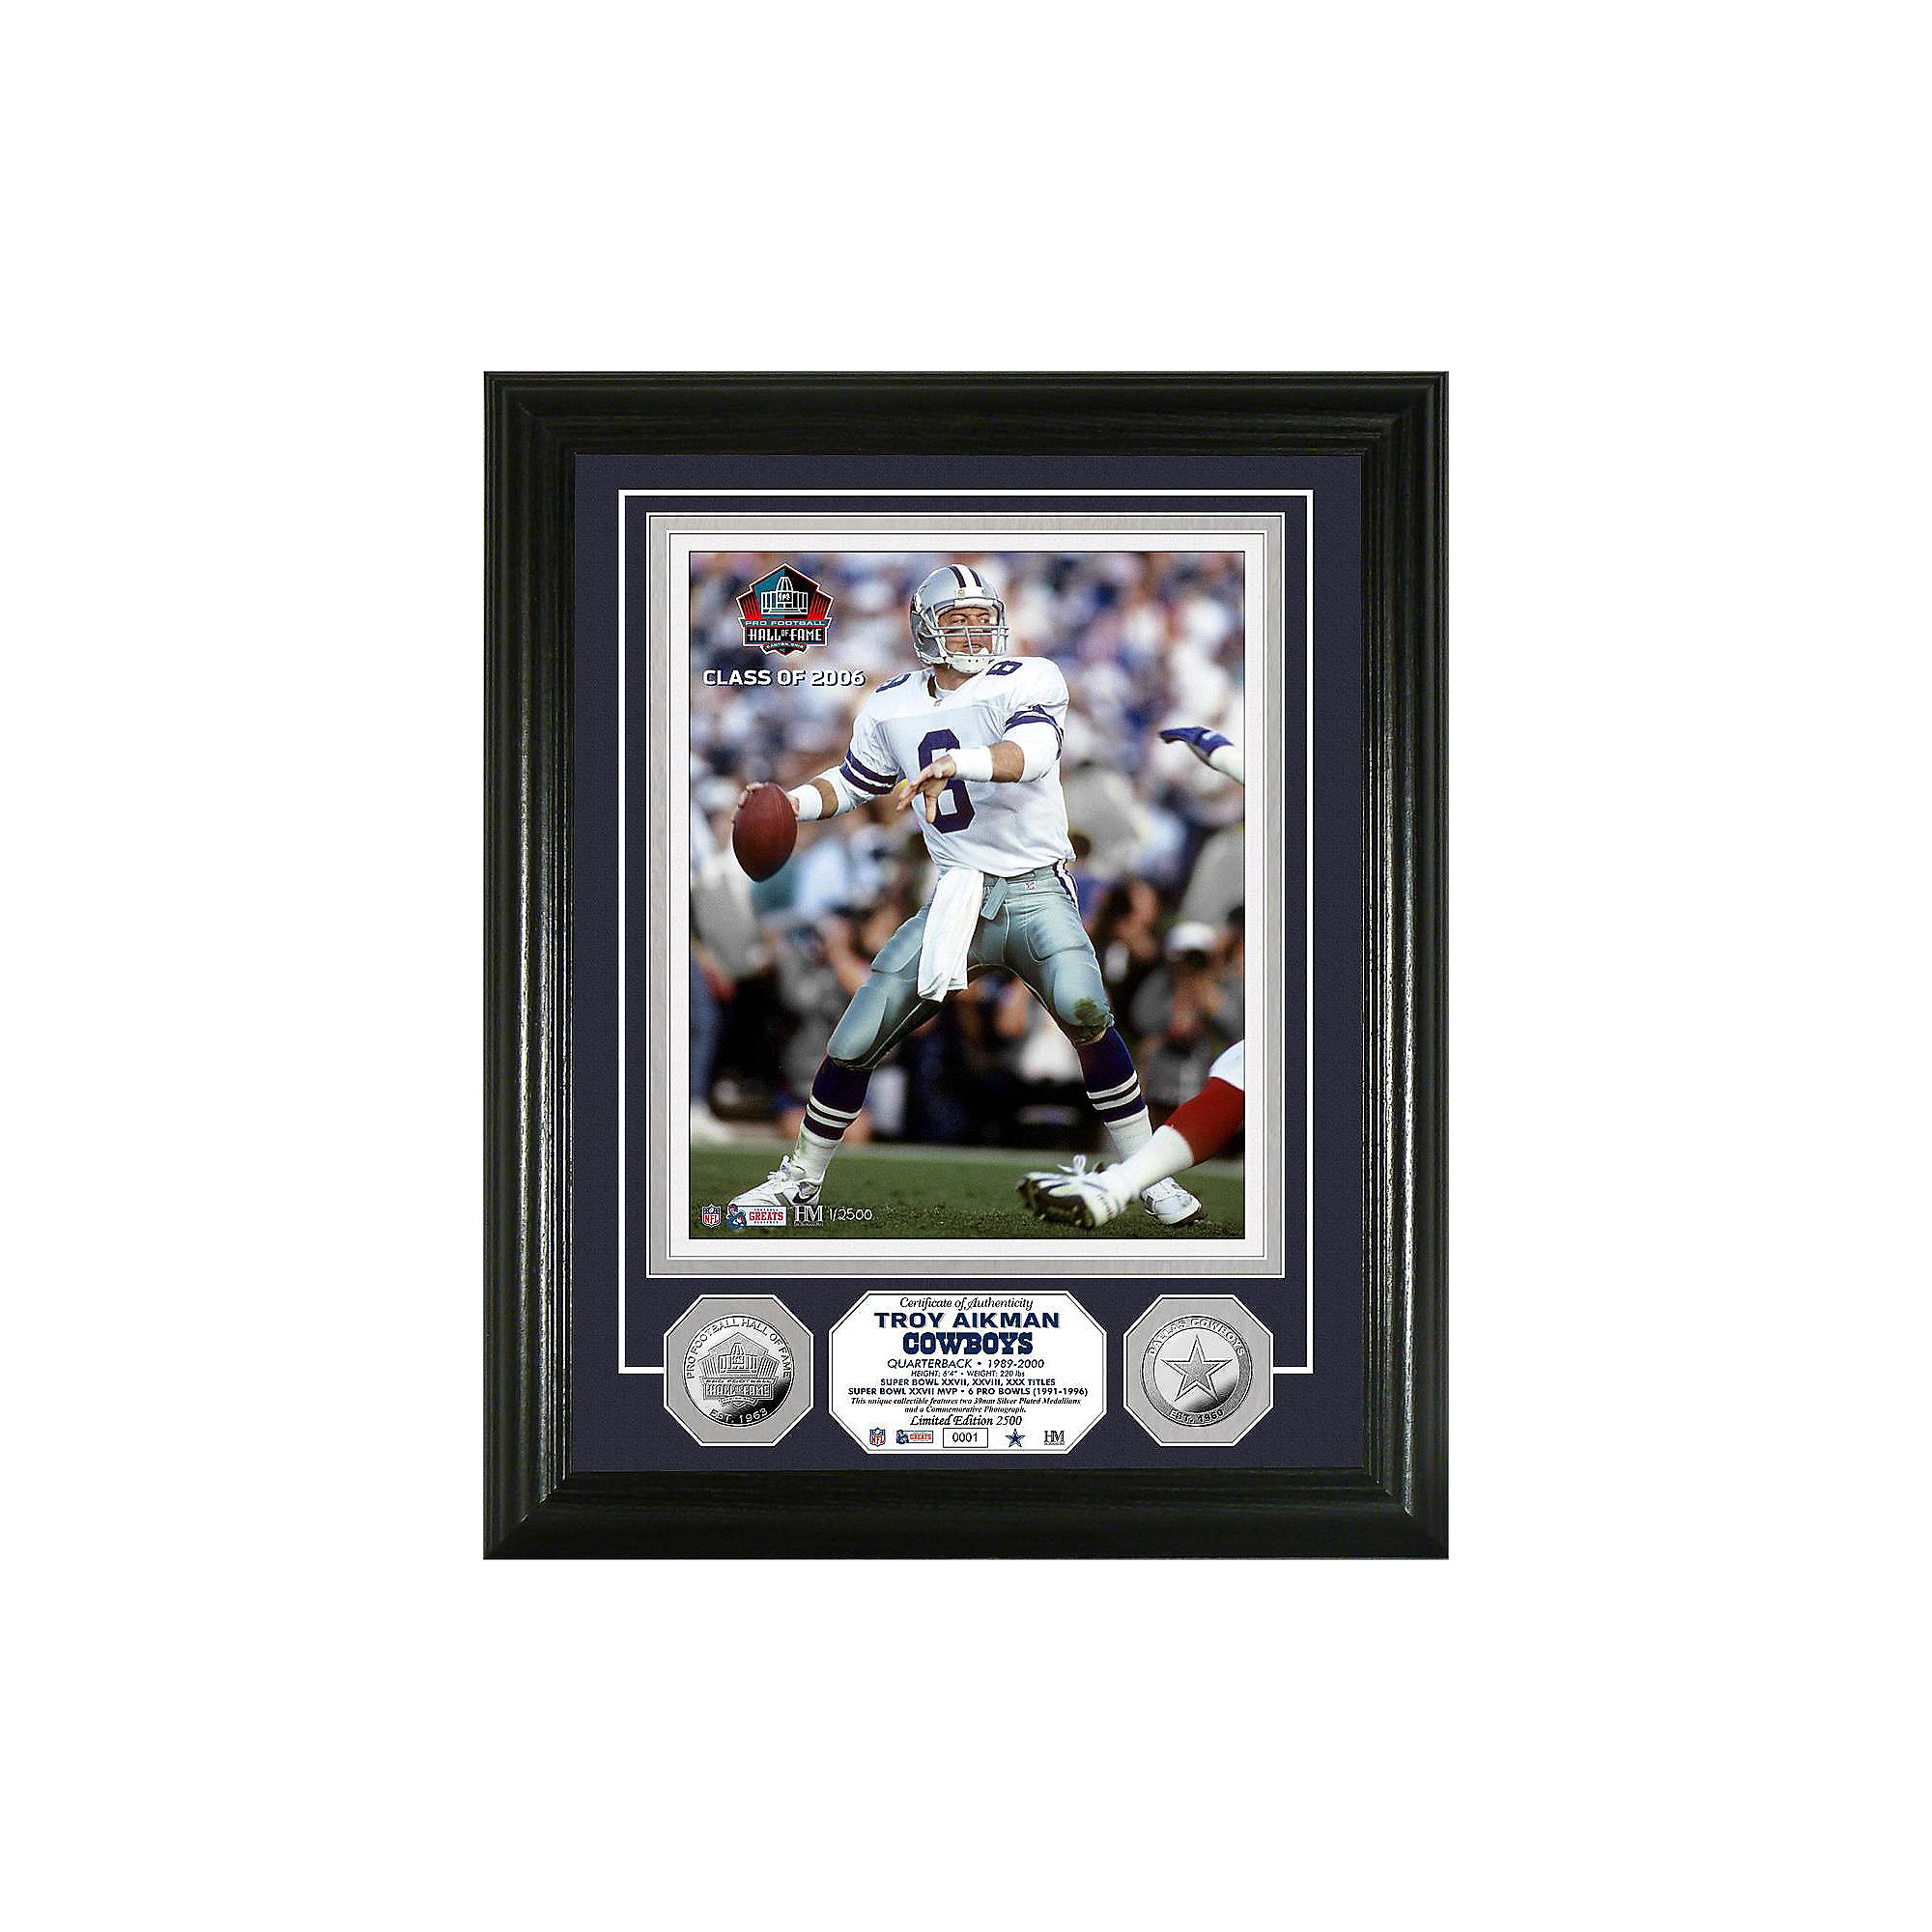 Dallas Cowboys Troy Aikman Legend Photo Mint